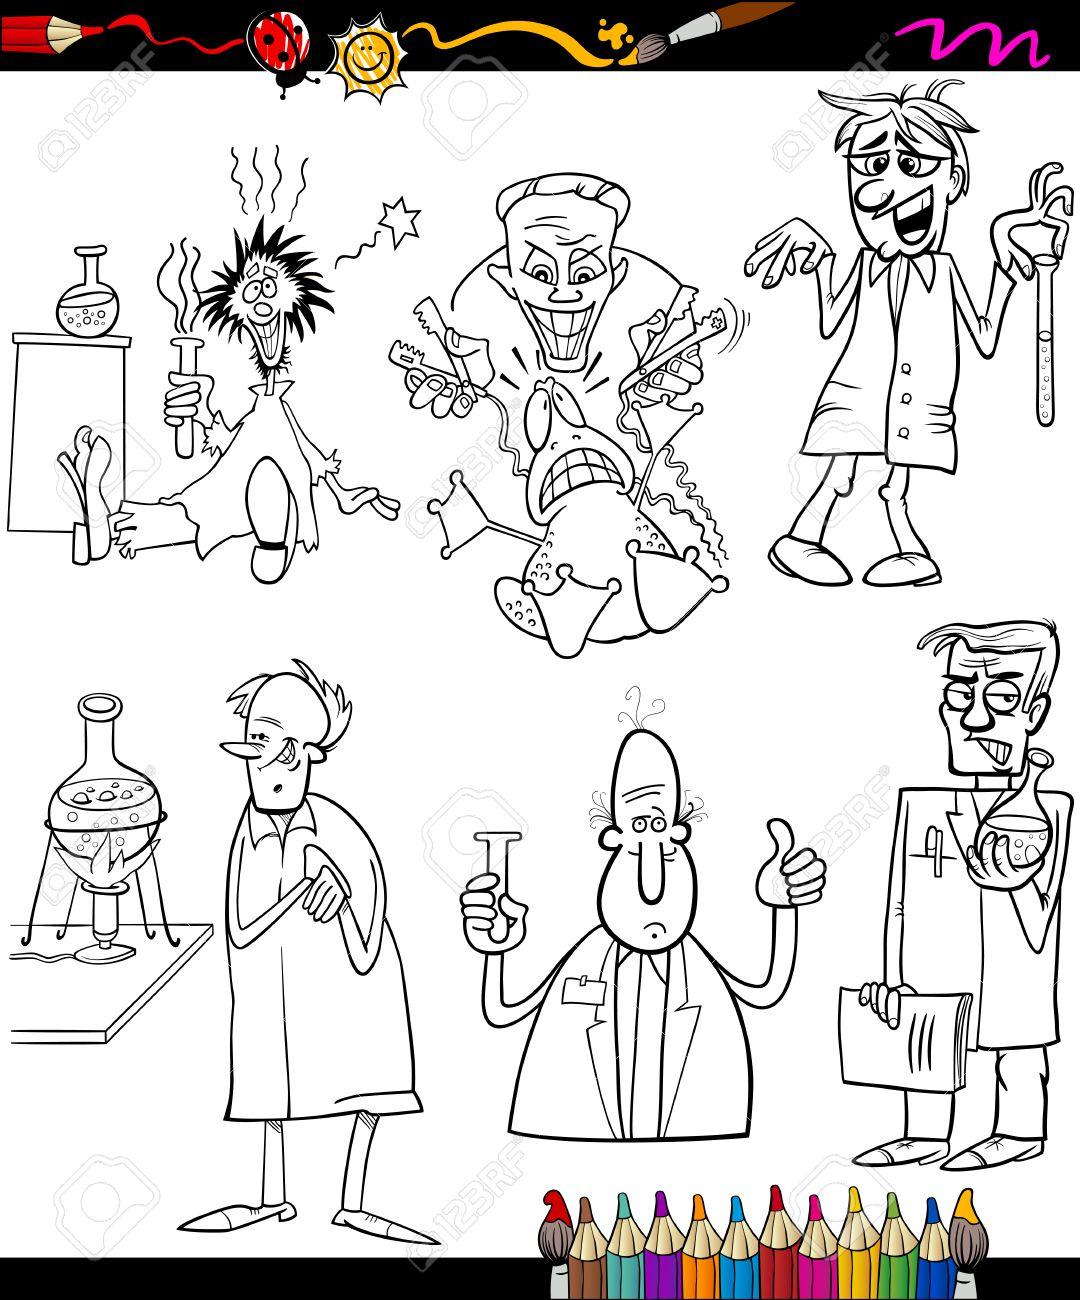 Coloring Book O Página Ilustración De Dibujos Animados Blanco Y ...